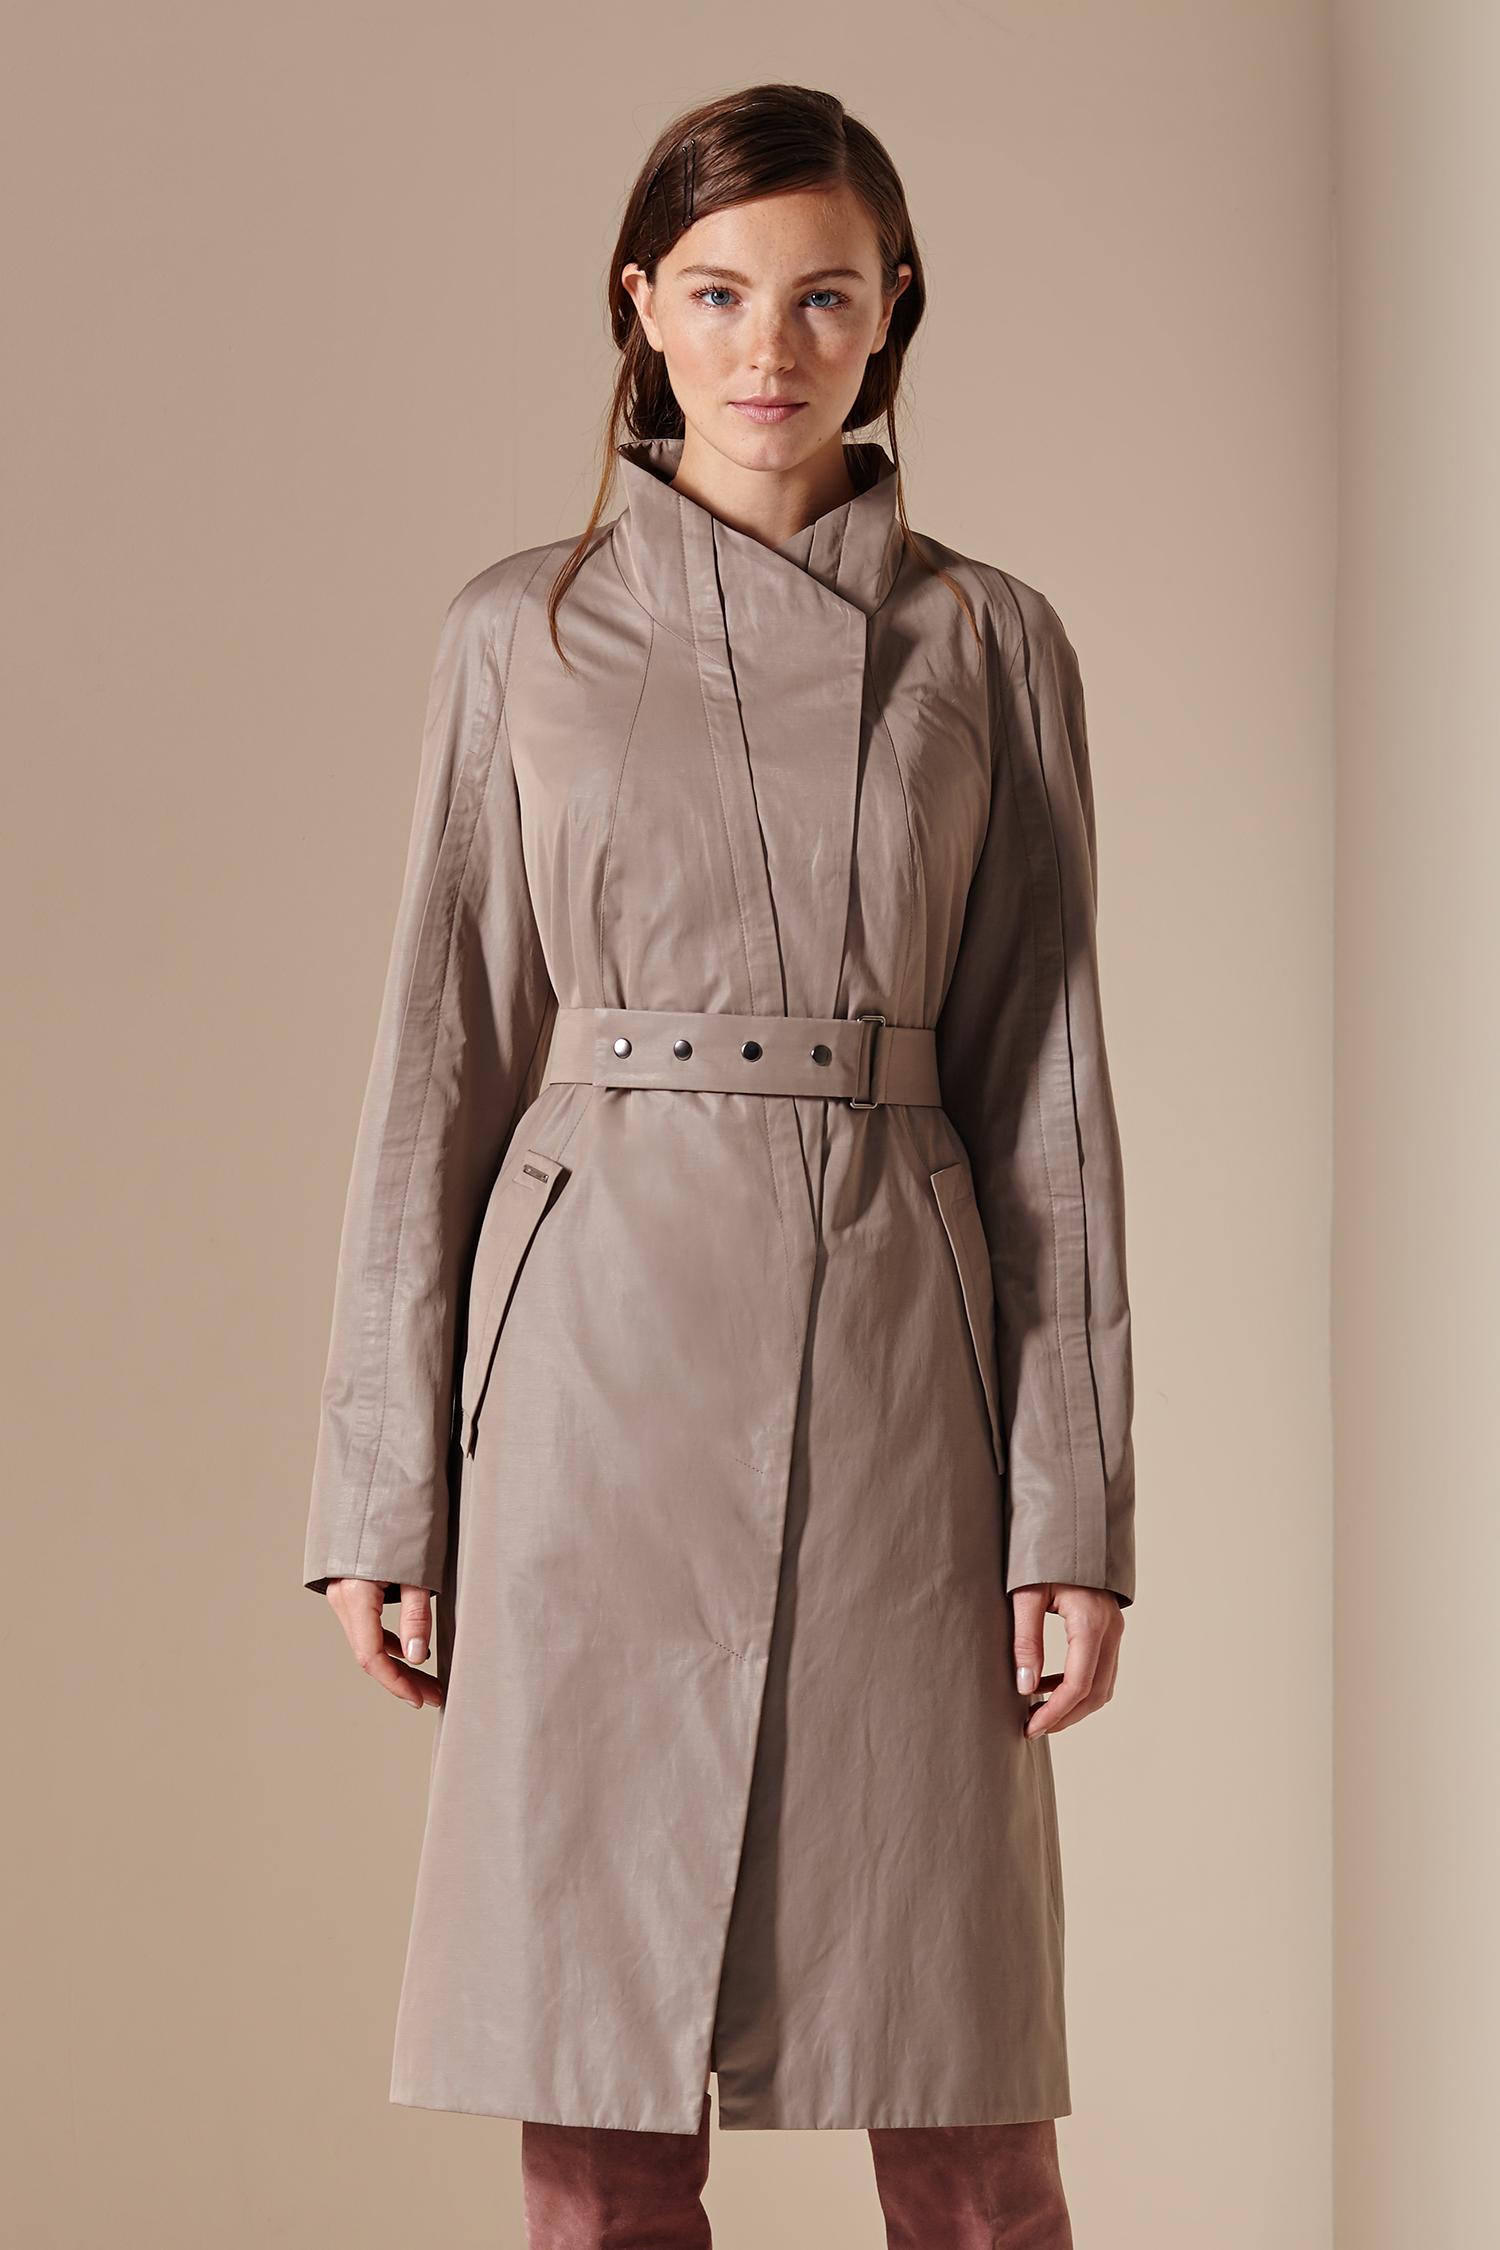 Женское пальто с воротником, без отделки<br><br>Воротник: стойка<br>Длина см: Длинная (свыше 90)<br>Материал: Текстиль<br>Цвет: бежевый<br>Вид застежки: центральная<br>Застежка: на кнопки<br>Пол: Женский<br>Размер RU: 56